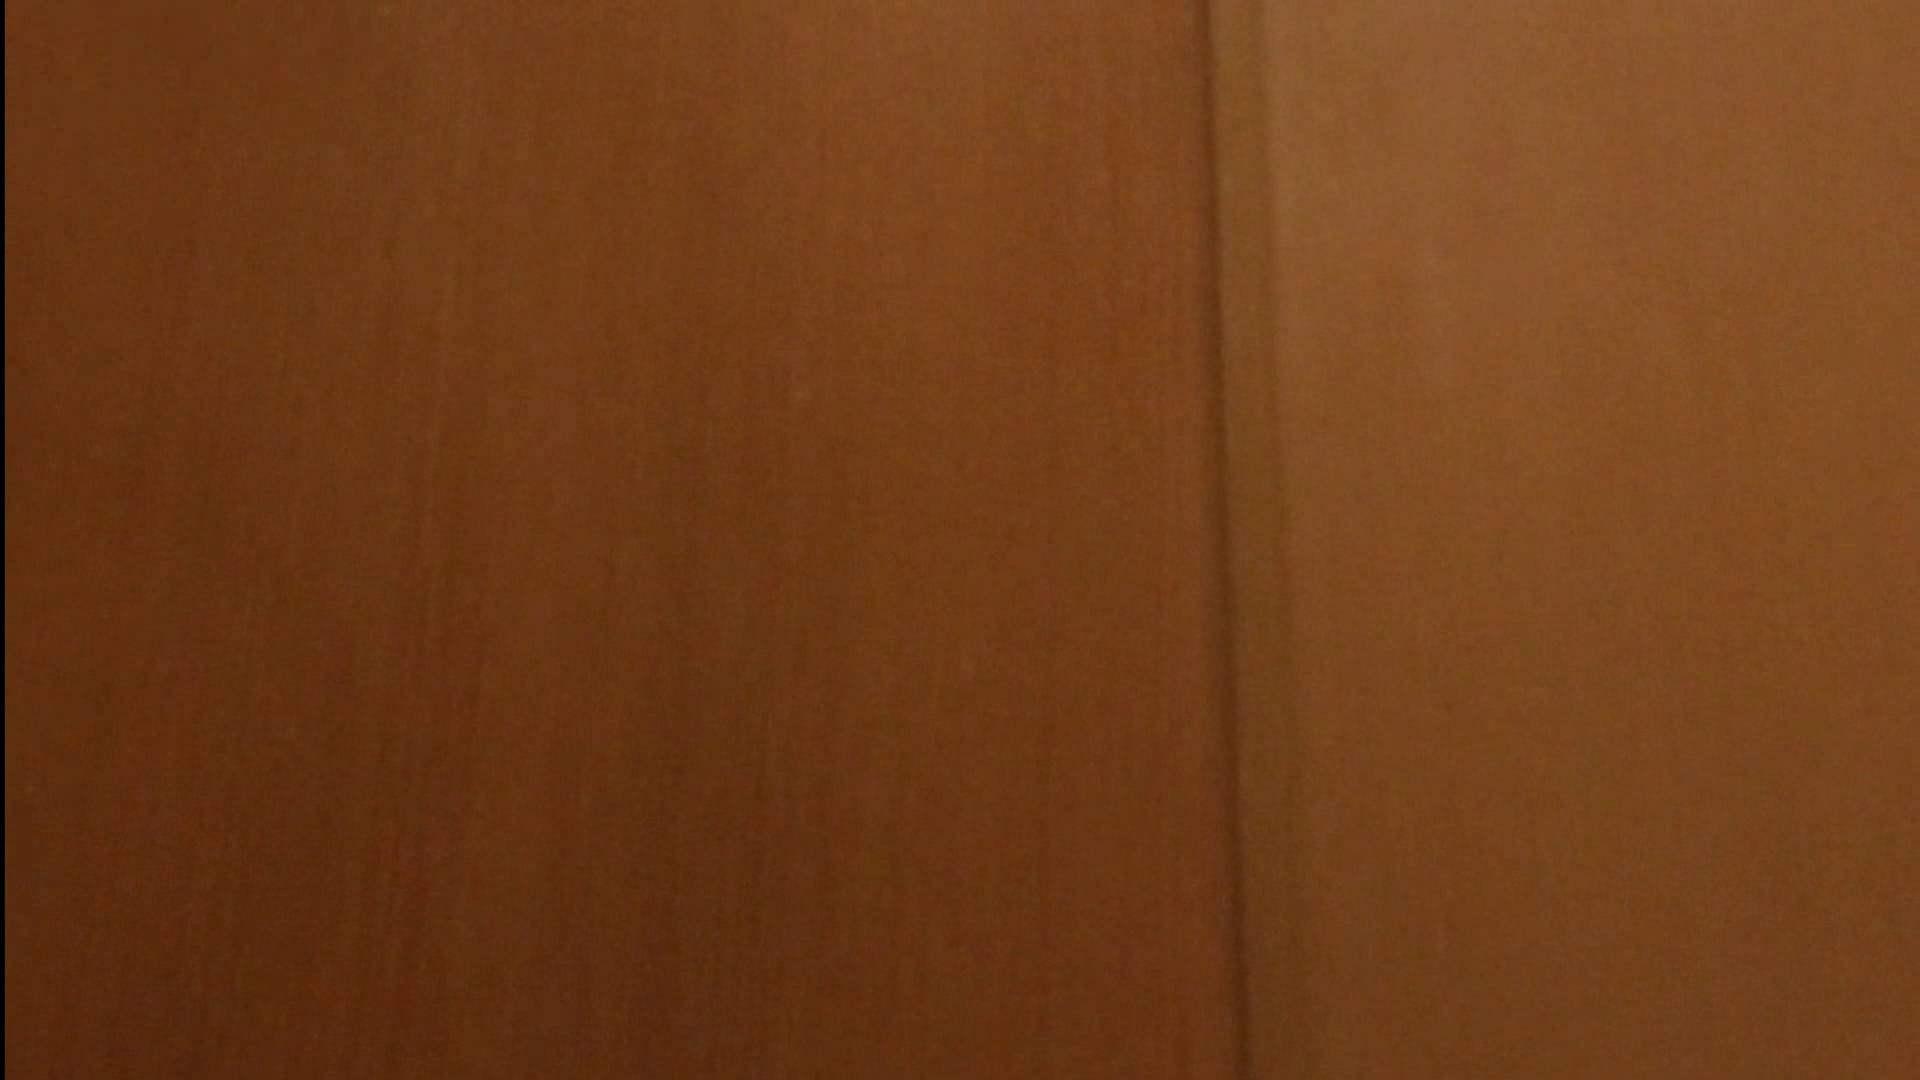 「噂」の国の厠観察日記2 Vol.04 人気シリーズ  11pic 9